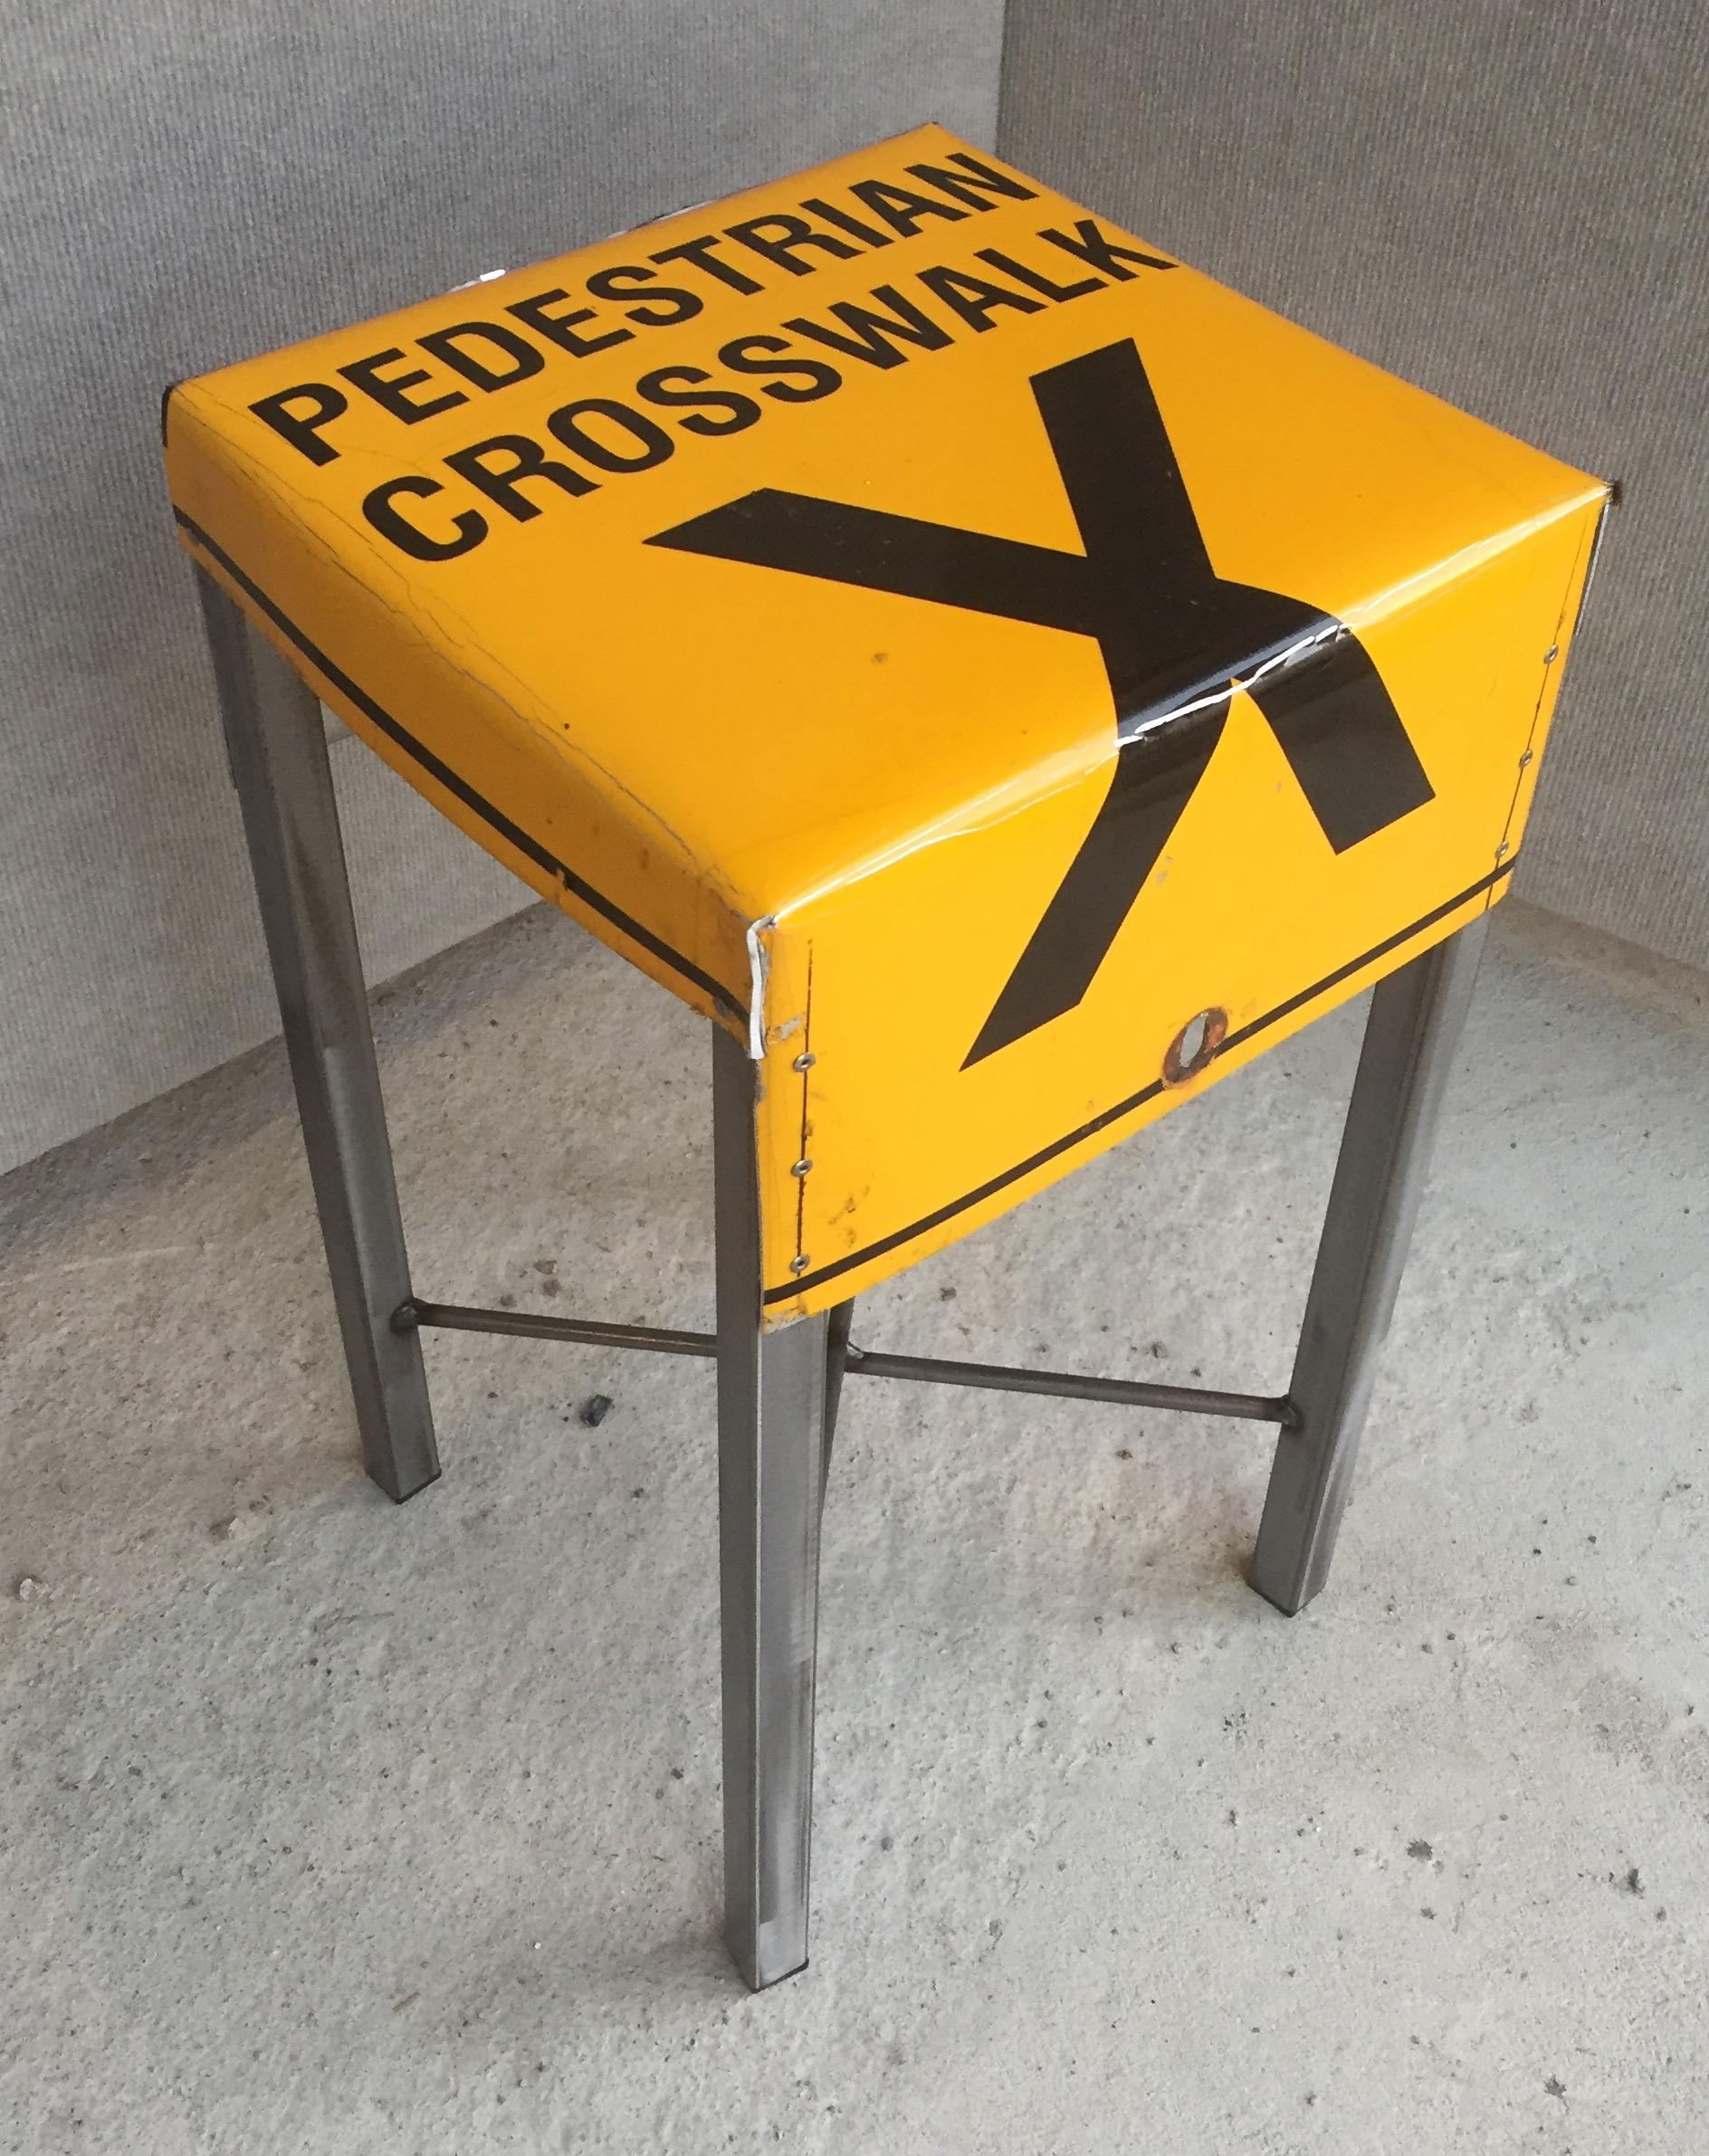 ped crossing side table.jpg